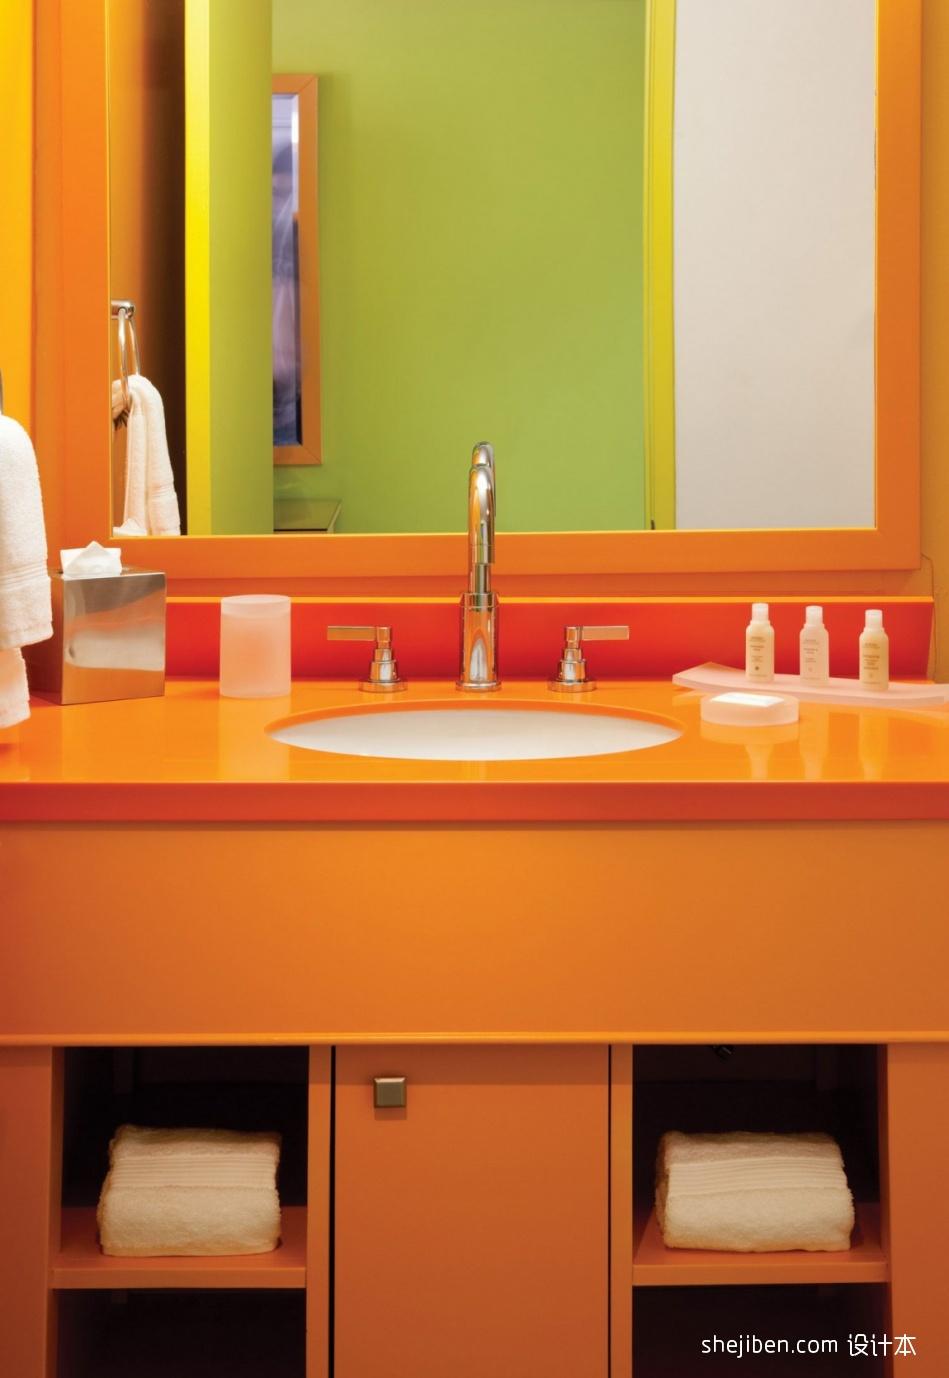 Saguaro酒店设计暖色调色彩天堂酒店空间其他设计图片赏析